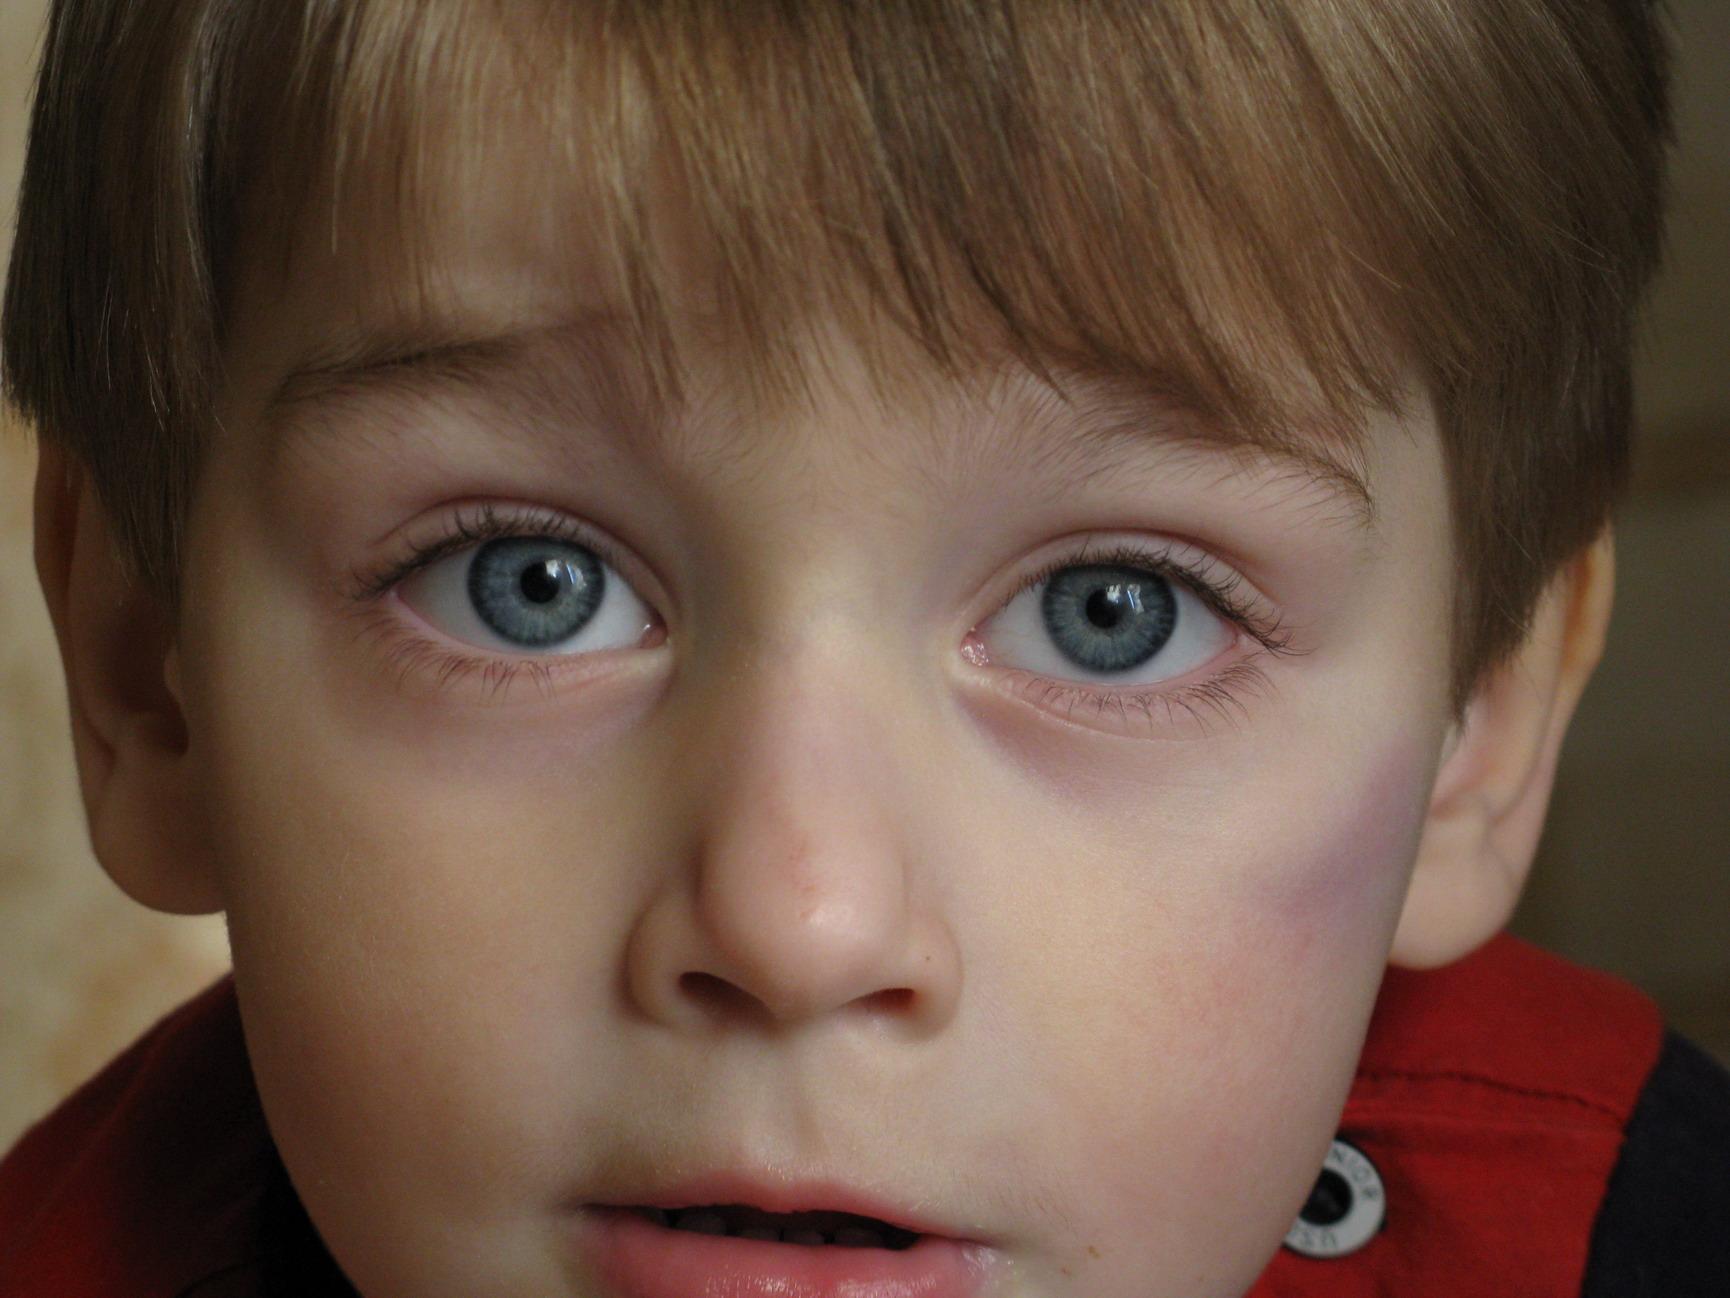 Ах, эти серые глаза - меня пленили!. Очаровательные глазки